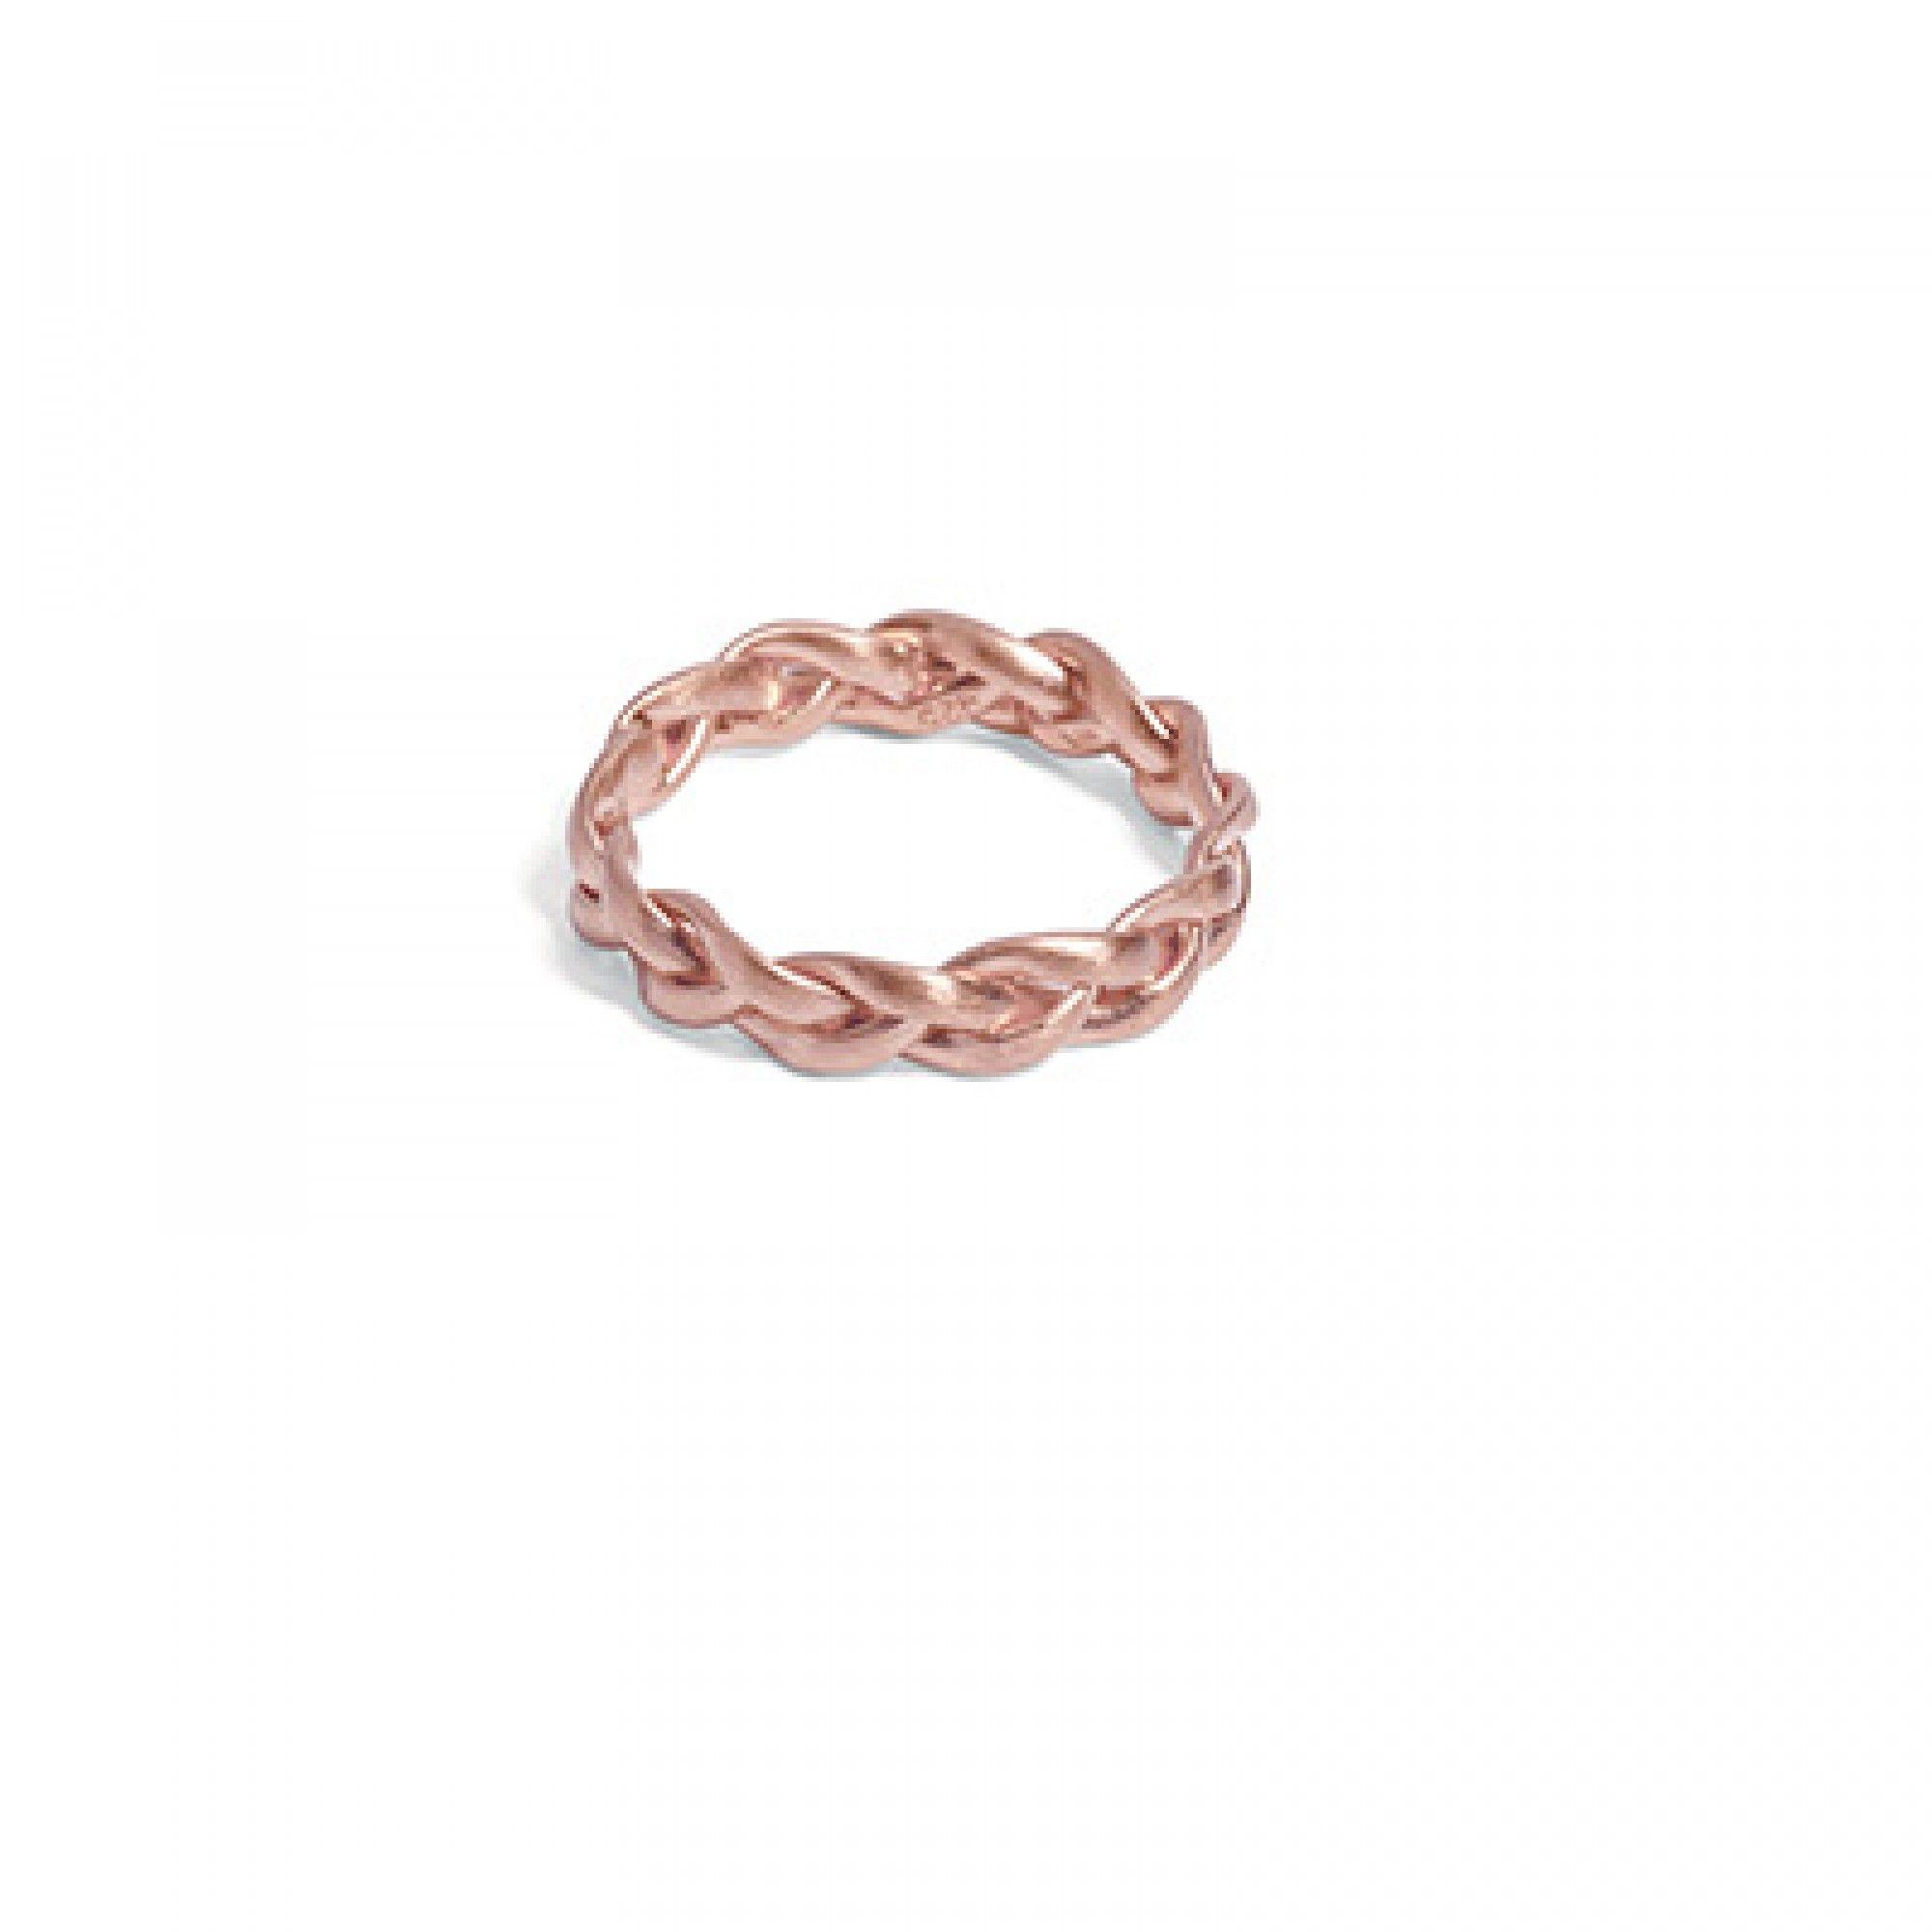 Mittelgroßer geflochtener Ring aus rosa vergoldetem Silber Ringe